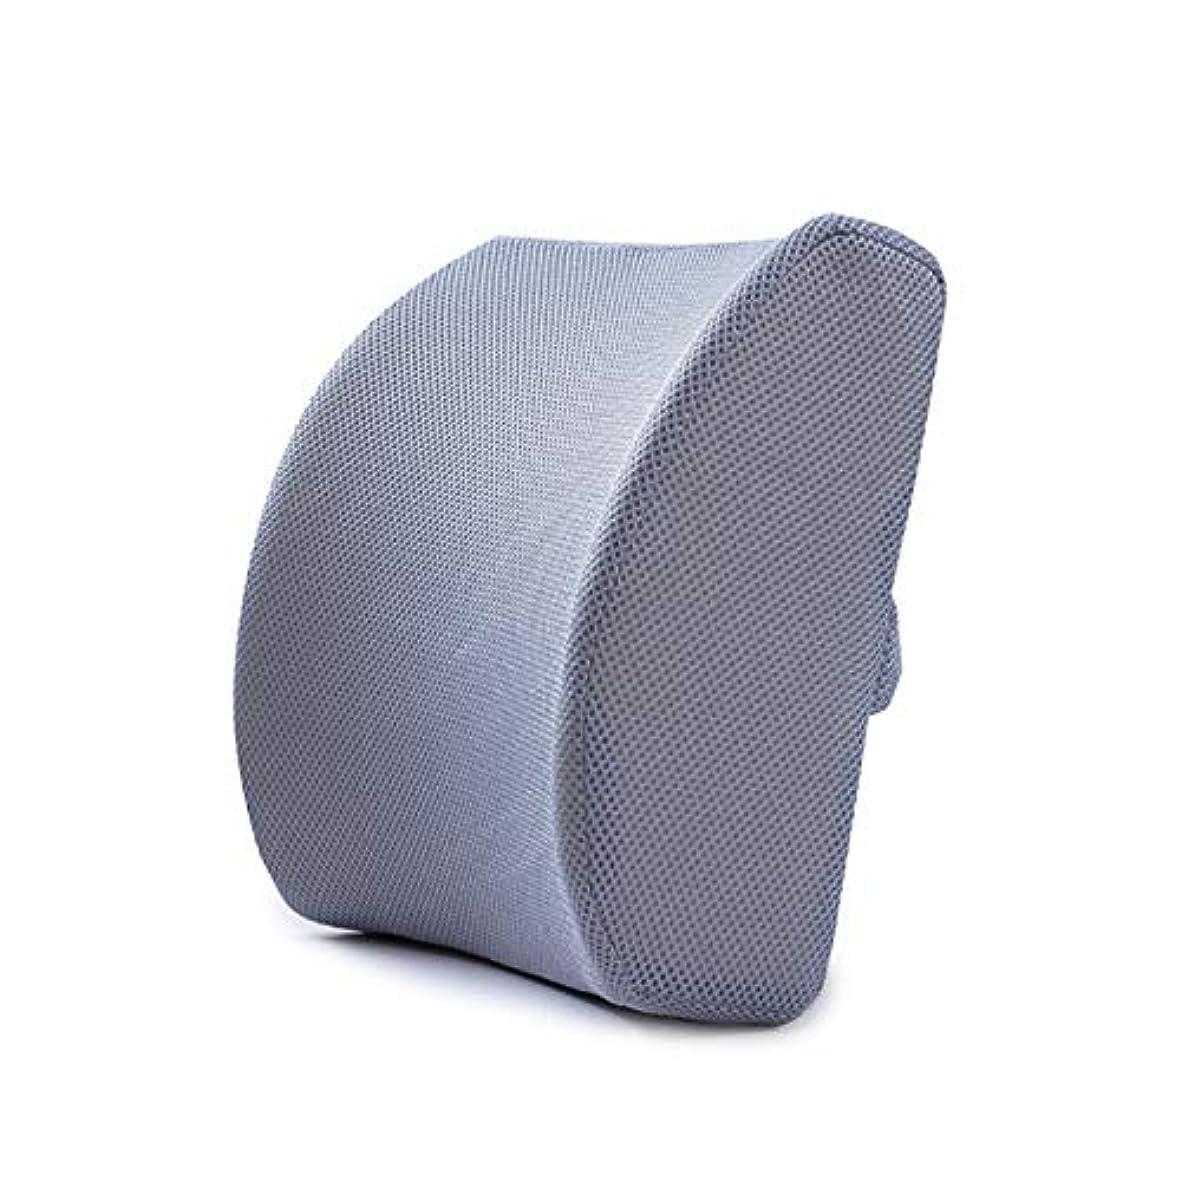 後ろ、背後、背面(部適格栄光のLIFE ホームオフィス背もたれ椅子腰椎クッションカーシートネック枕 3D 低反発サポートバックマッサージウエストレスリビング枕 クッション 椅子